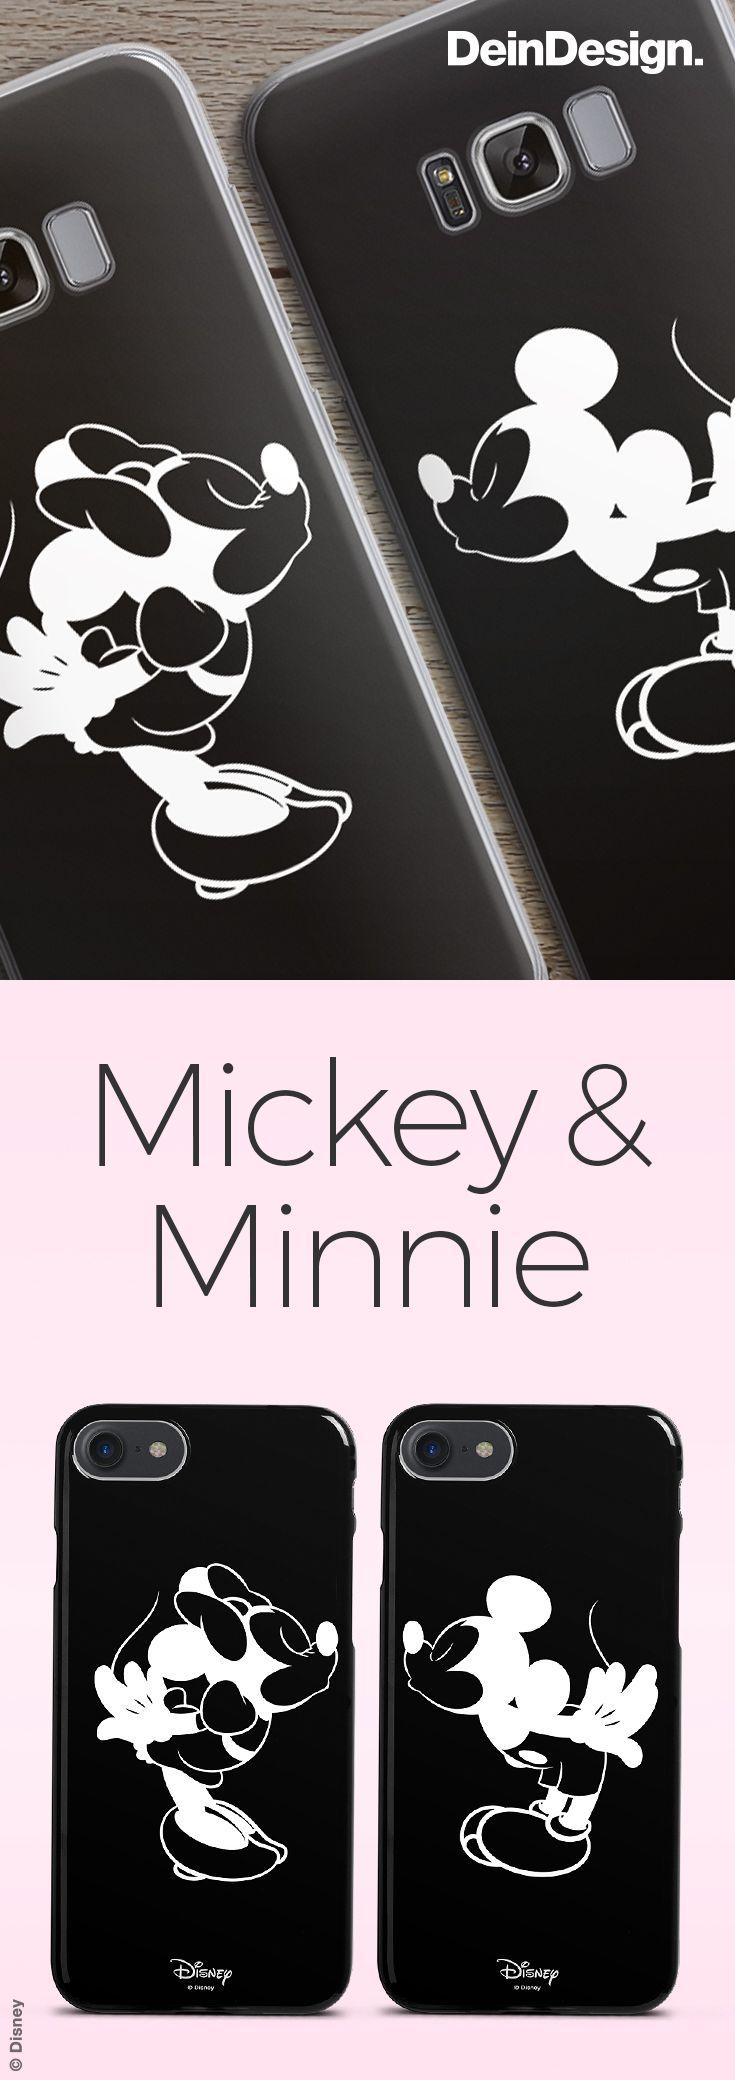 Entdecke unseren süßen Partner Handyhüllen! Unsere Empfehlung: Kissing Mickey & Minnie! // by DeinDesign.